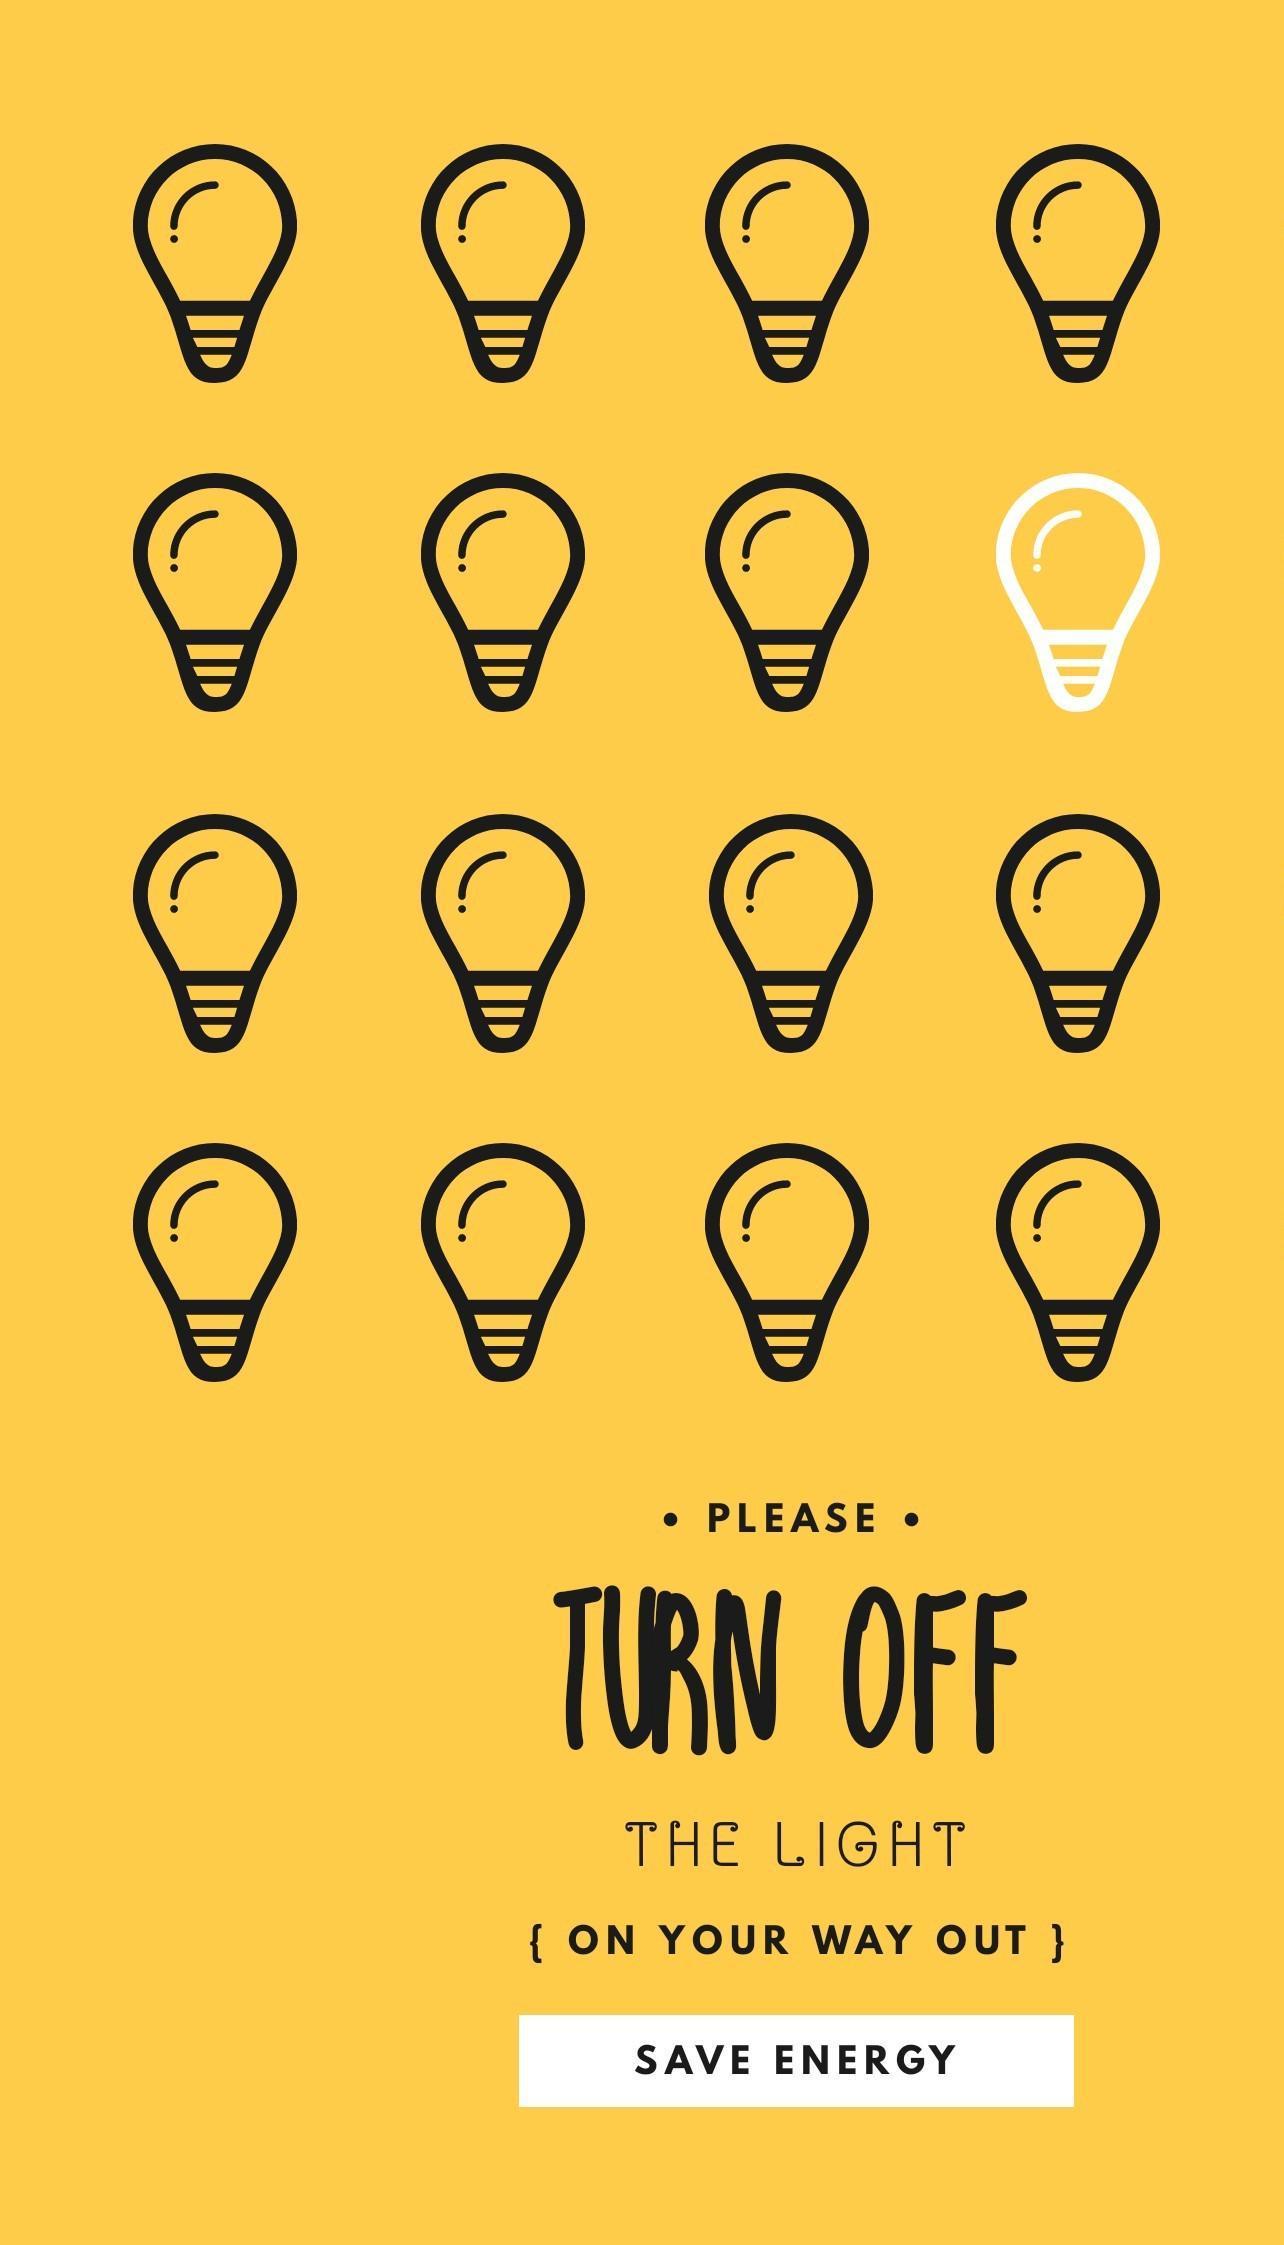 Gambarlah Poster Menghemat Energi Listrik Tolong Gambar Dengan